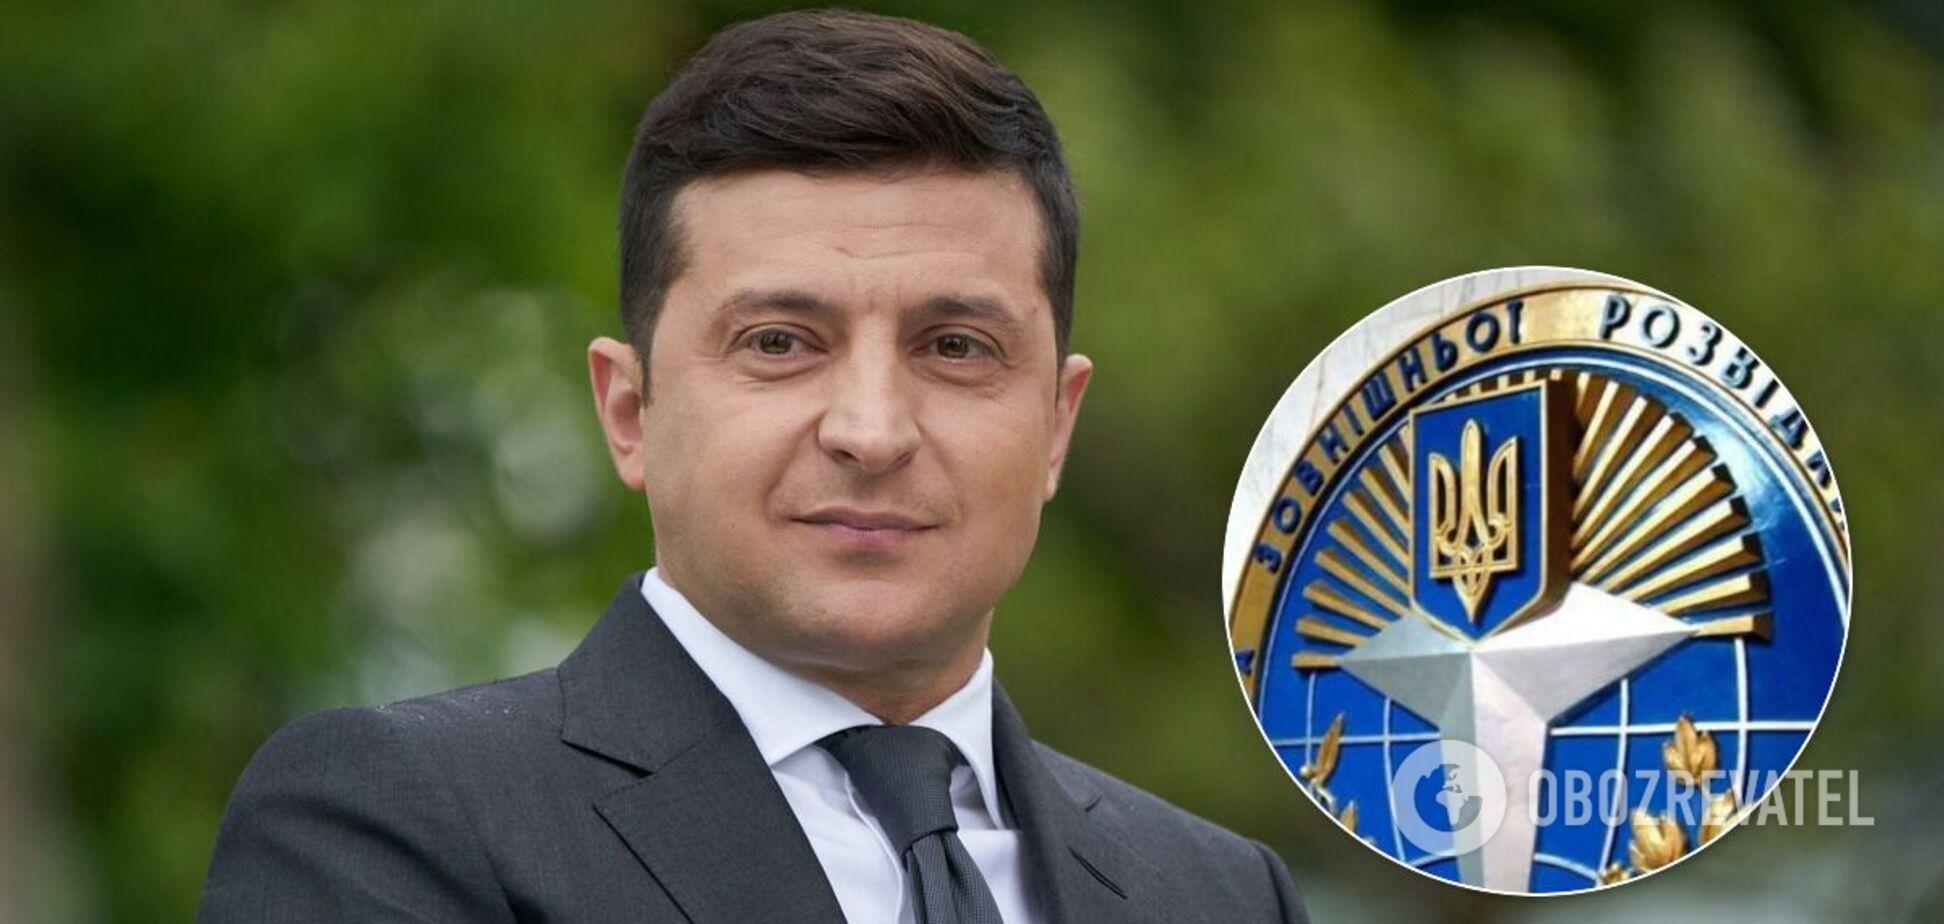 Зеленський підписав закон 'Про розвідку', необхідний для руху в НАТО